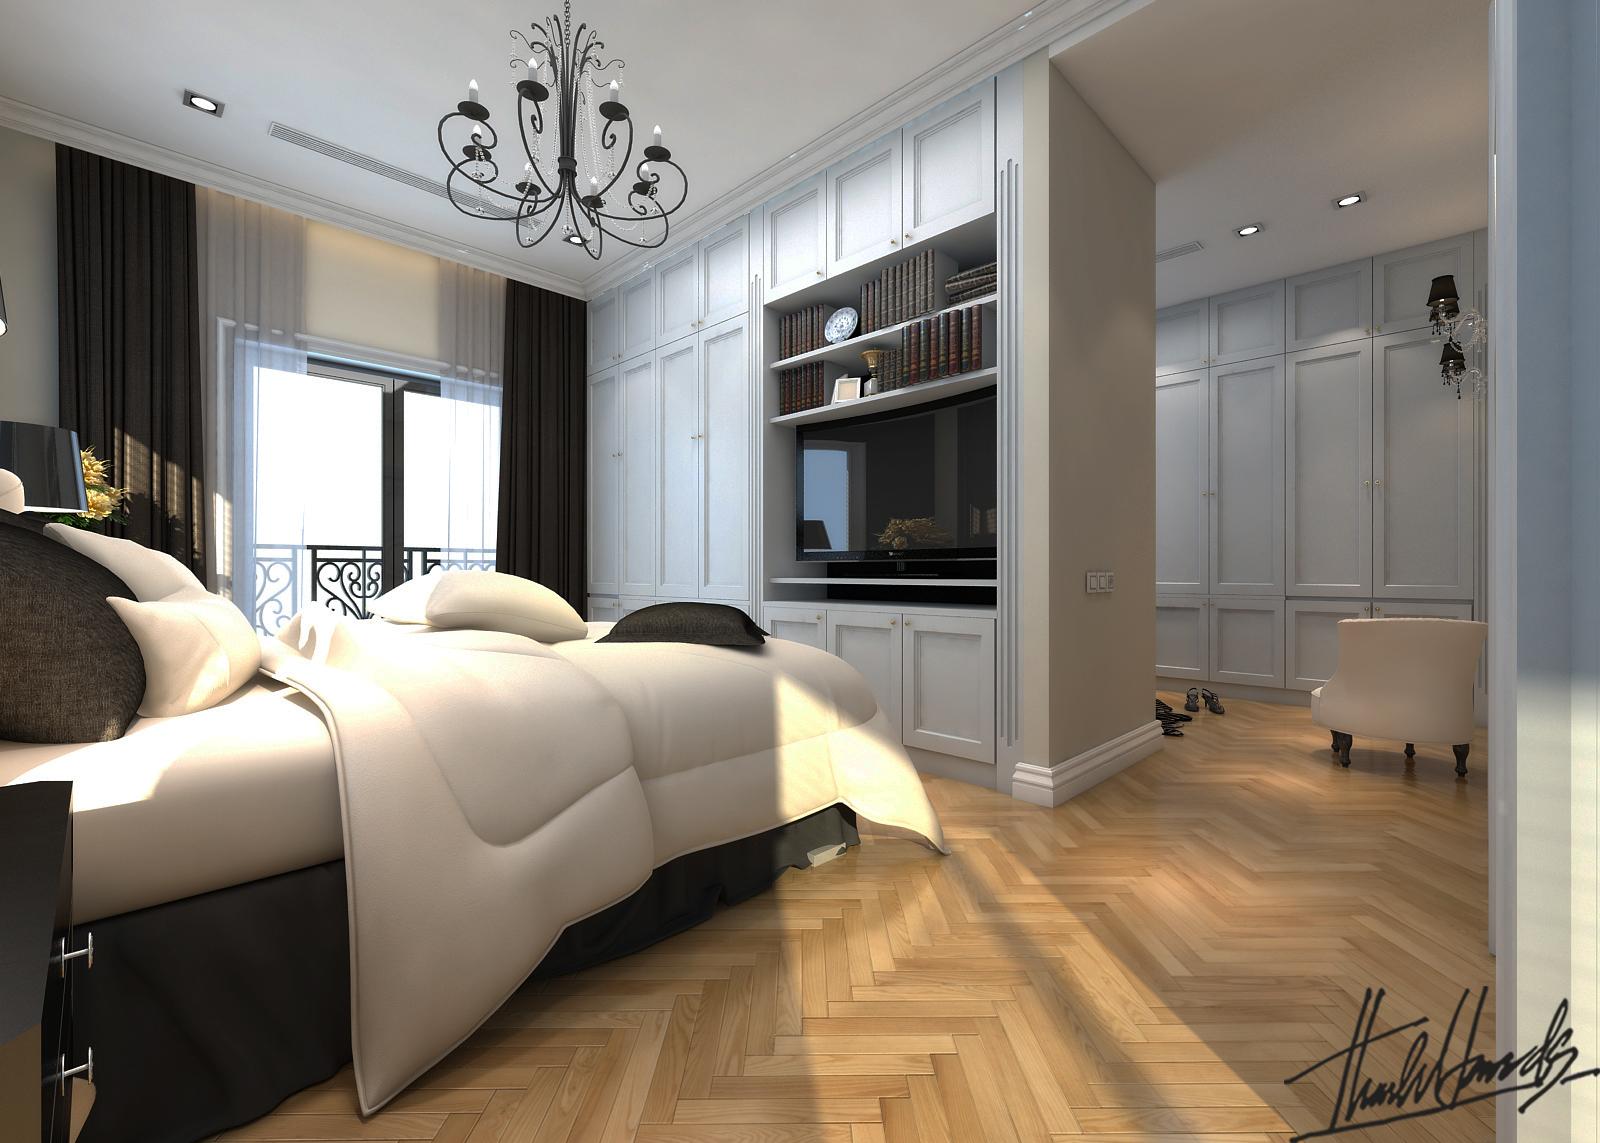 thiết kế nội thất Biệt Thự tại Hà Nội bt Vinhomes - riverside 31 1568274537